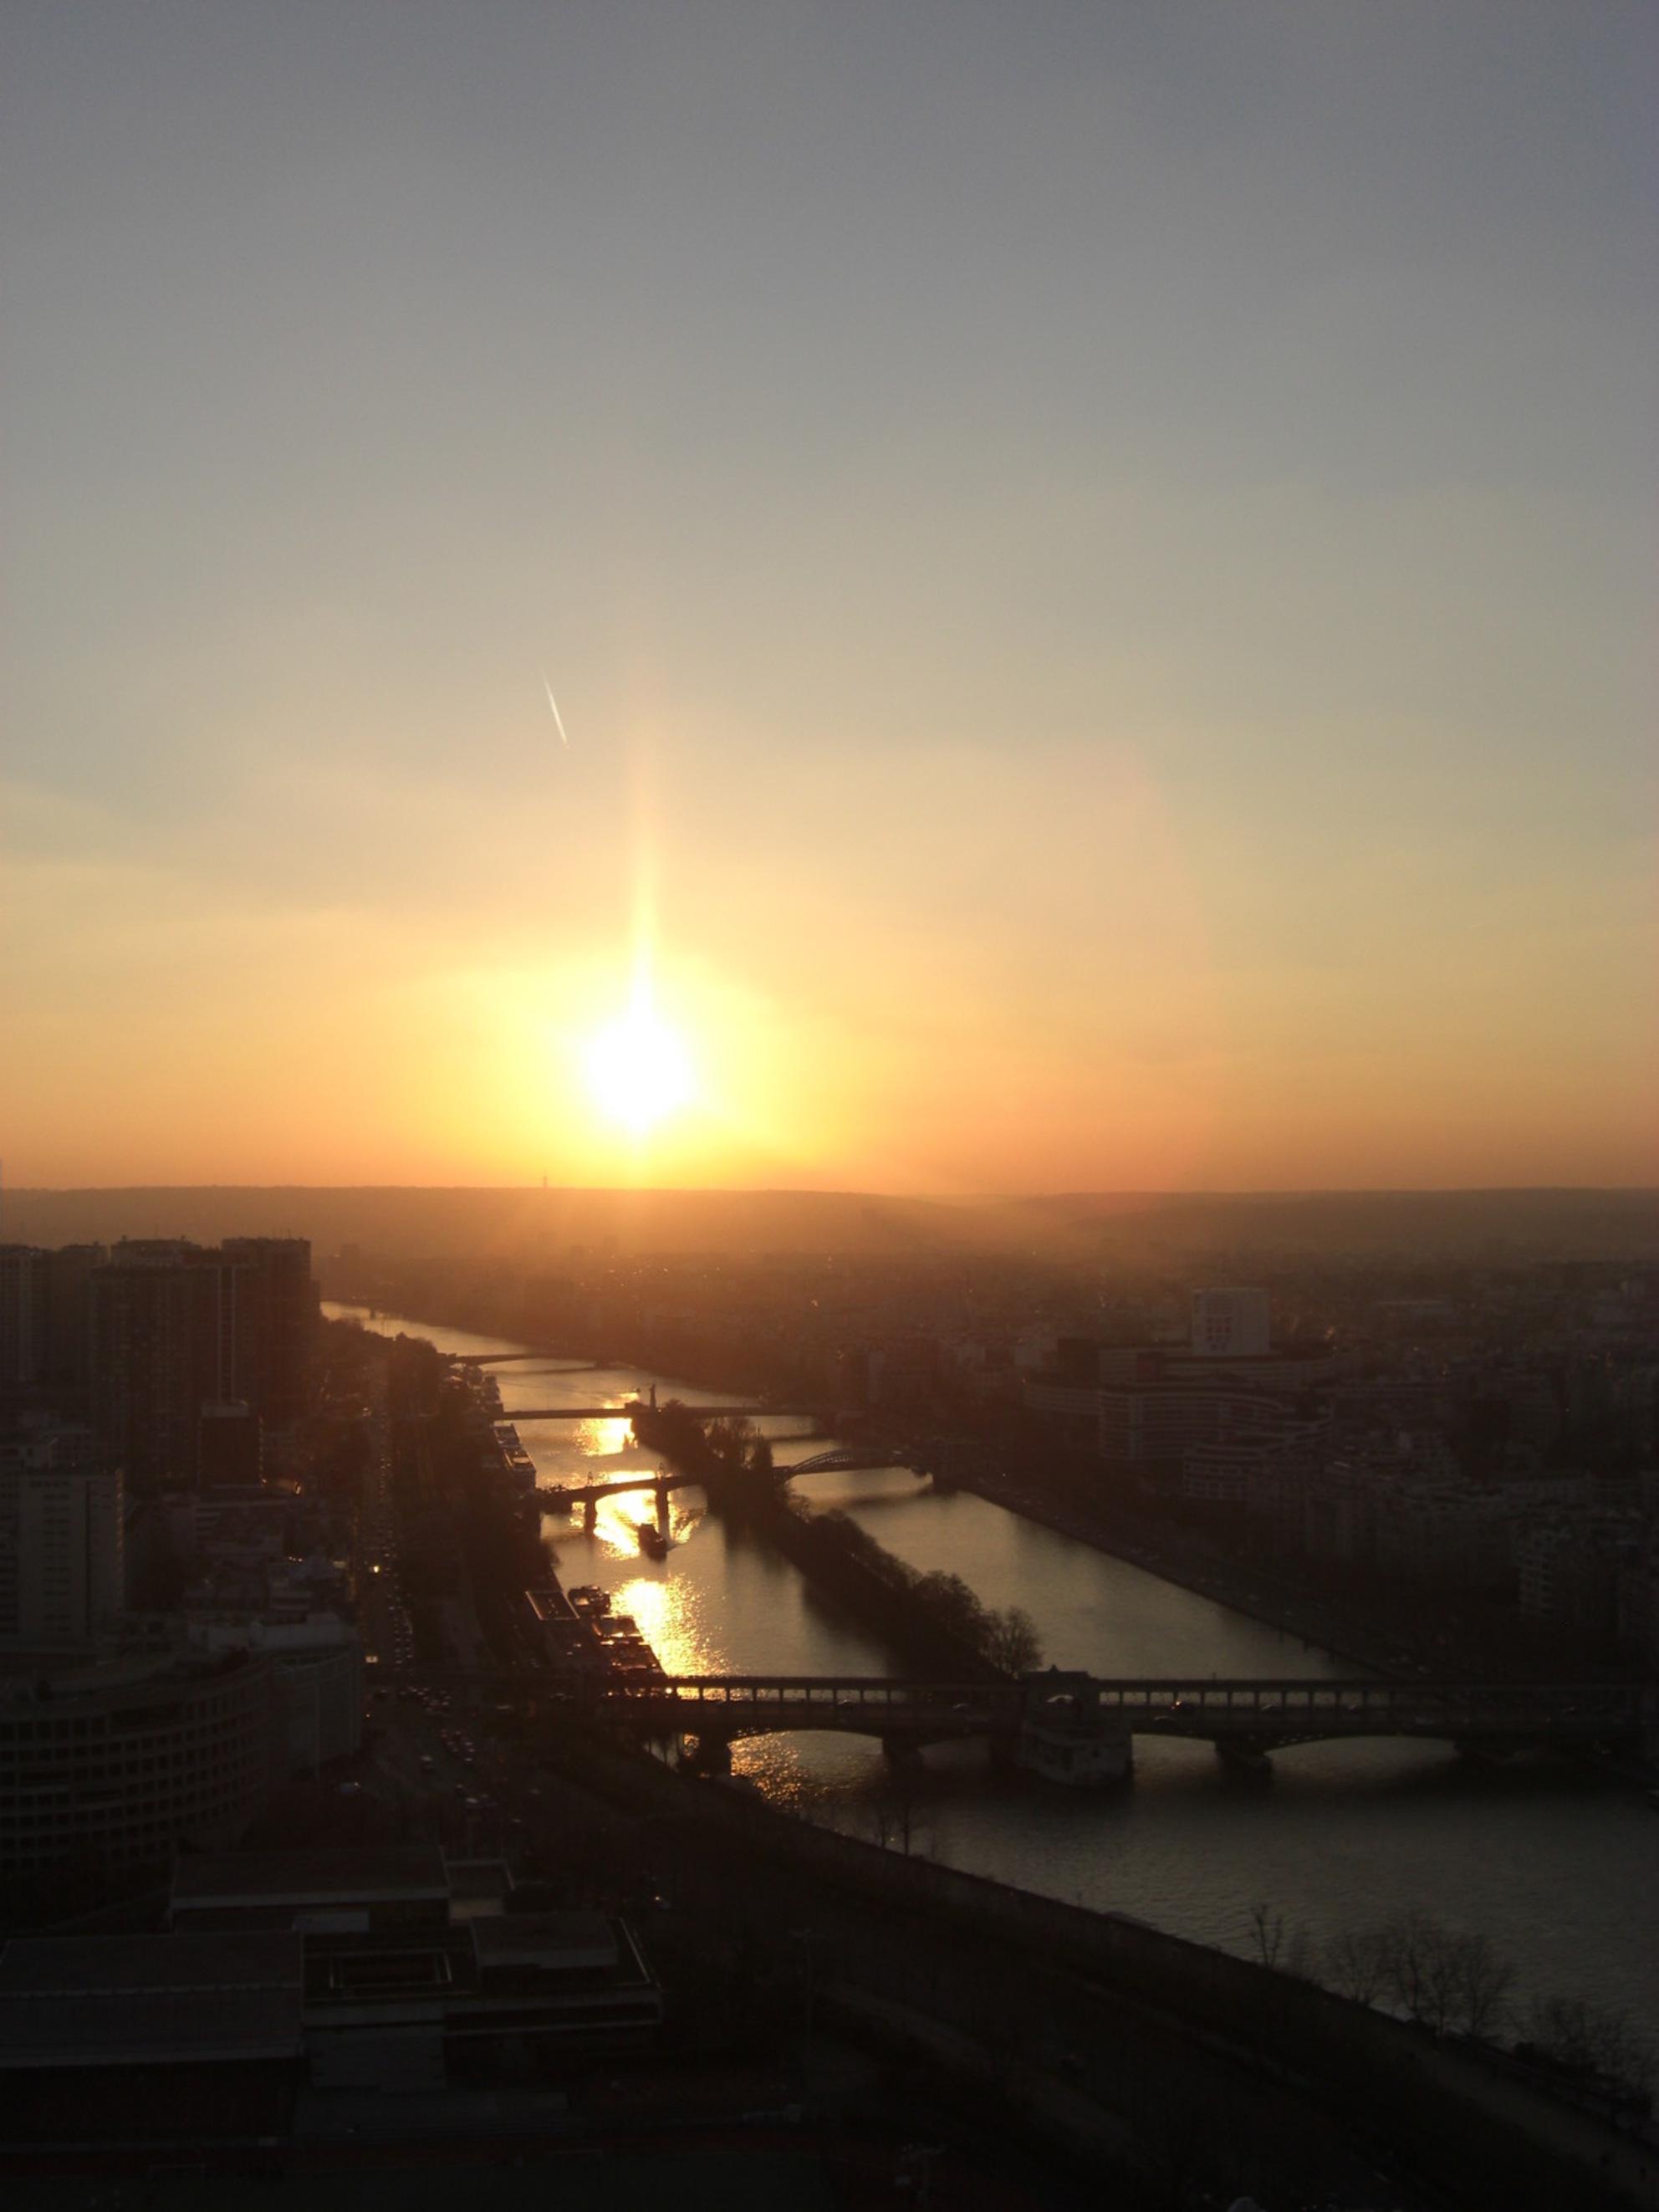 Sunset from the Eiffel Tower - - - foto door VivianStyle0 op 17-07-2009 - deze foto bevat: tower, sunset, eiffel - Deze foto mag gebruikt worden in een Zoom.nl publicatie